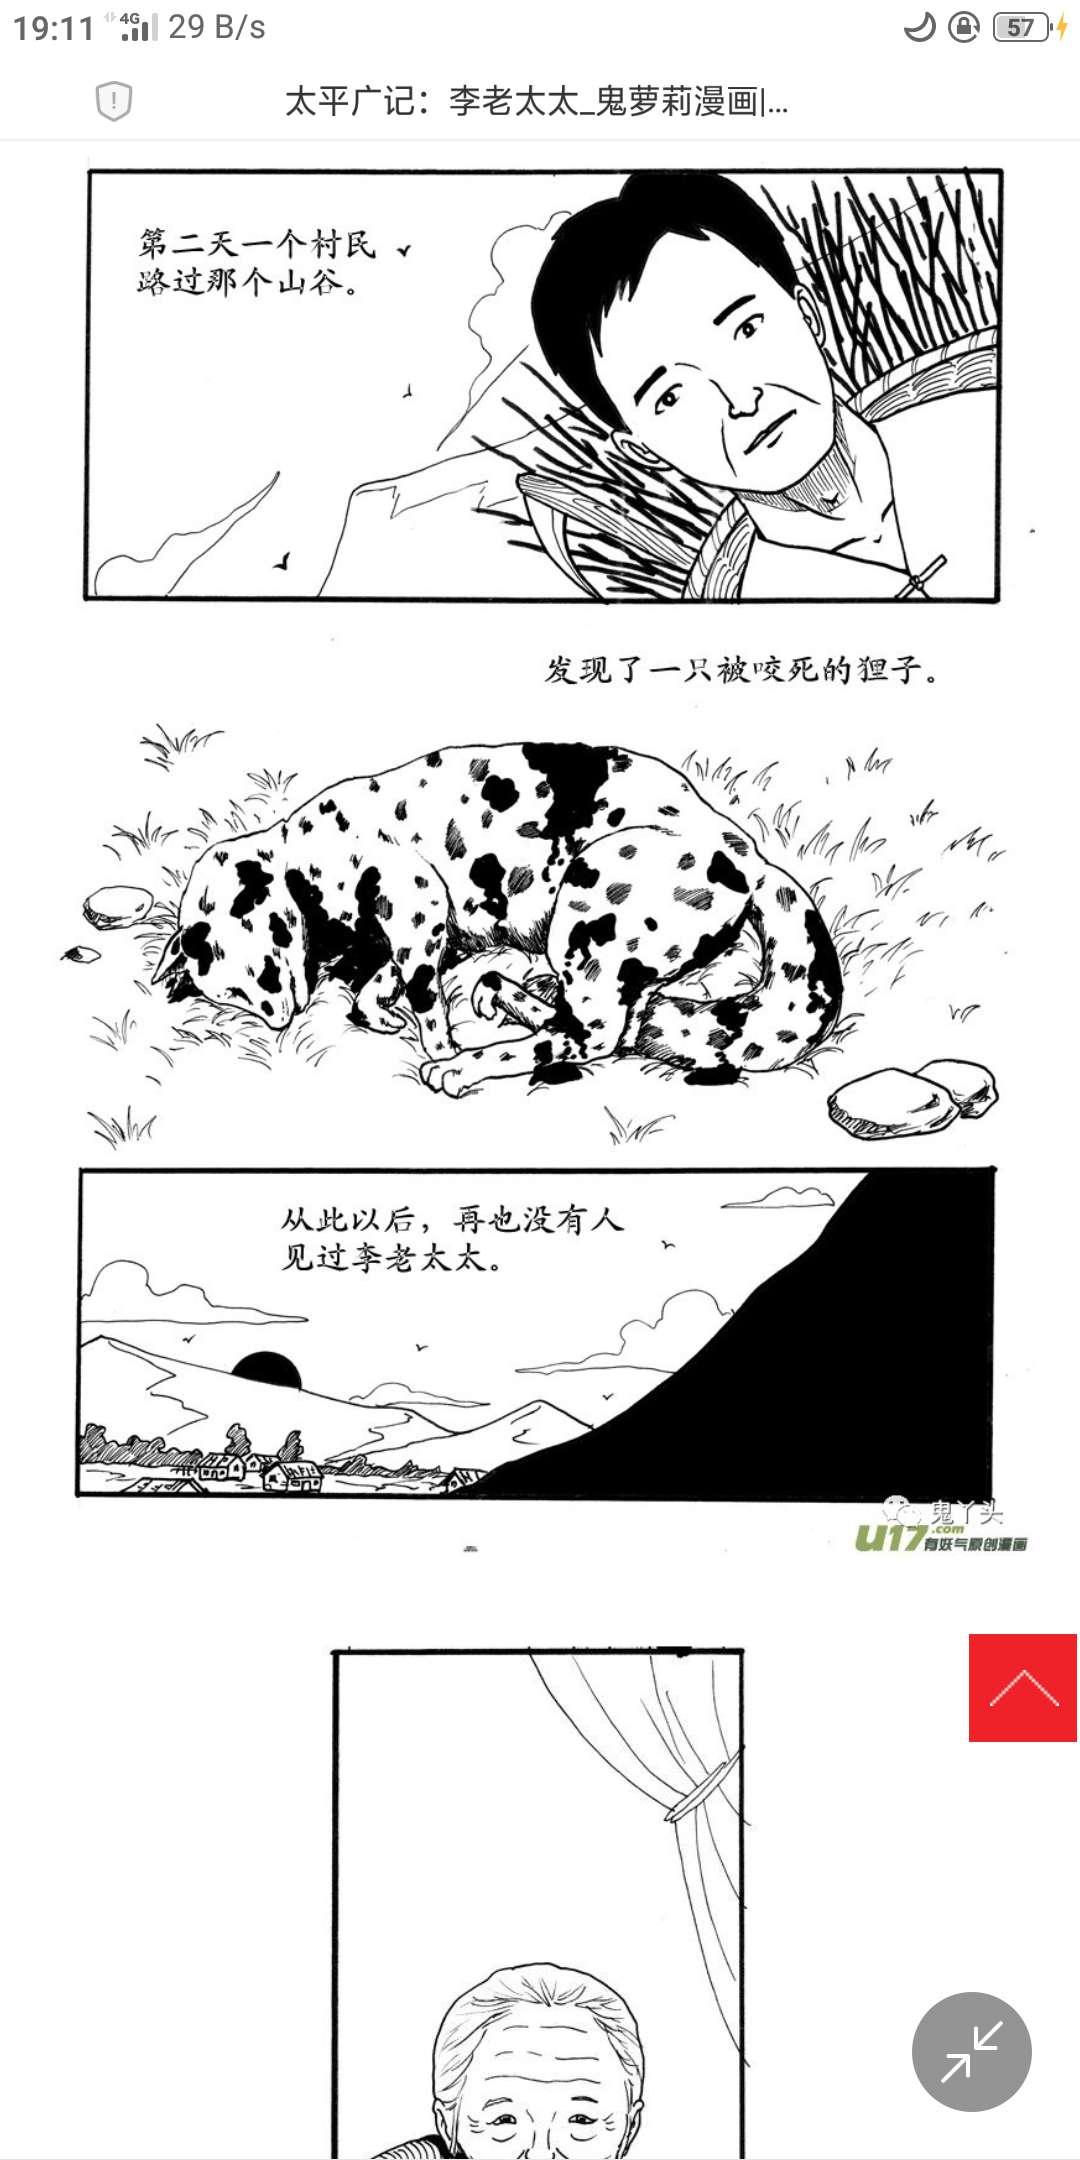 【漫画更新】太平广记之《李老太太》